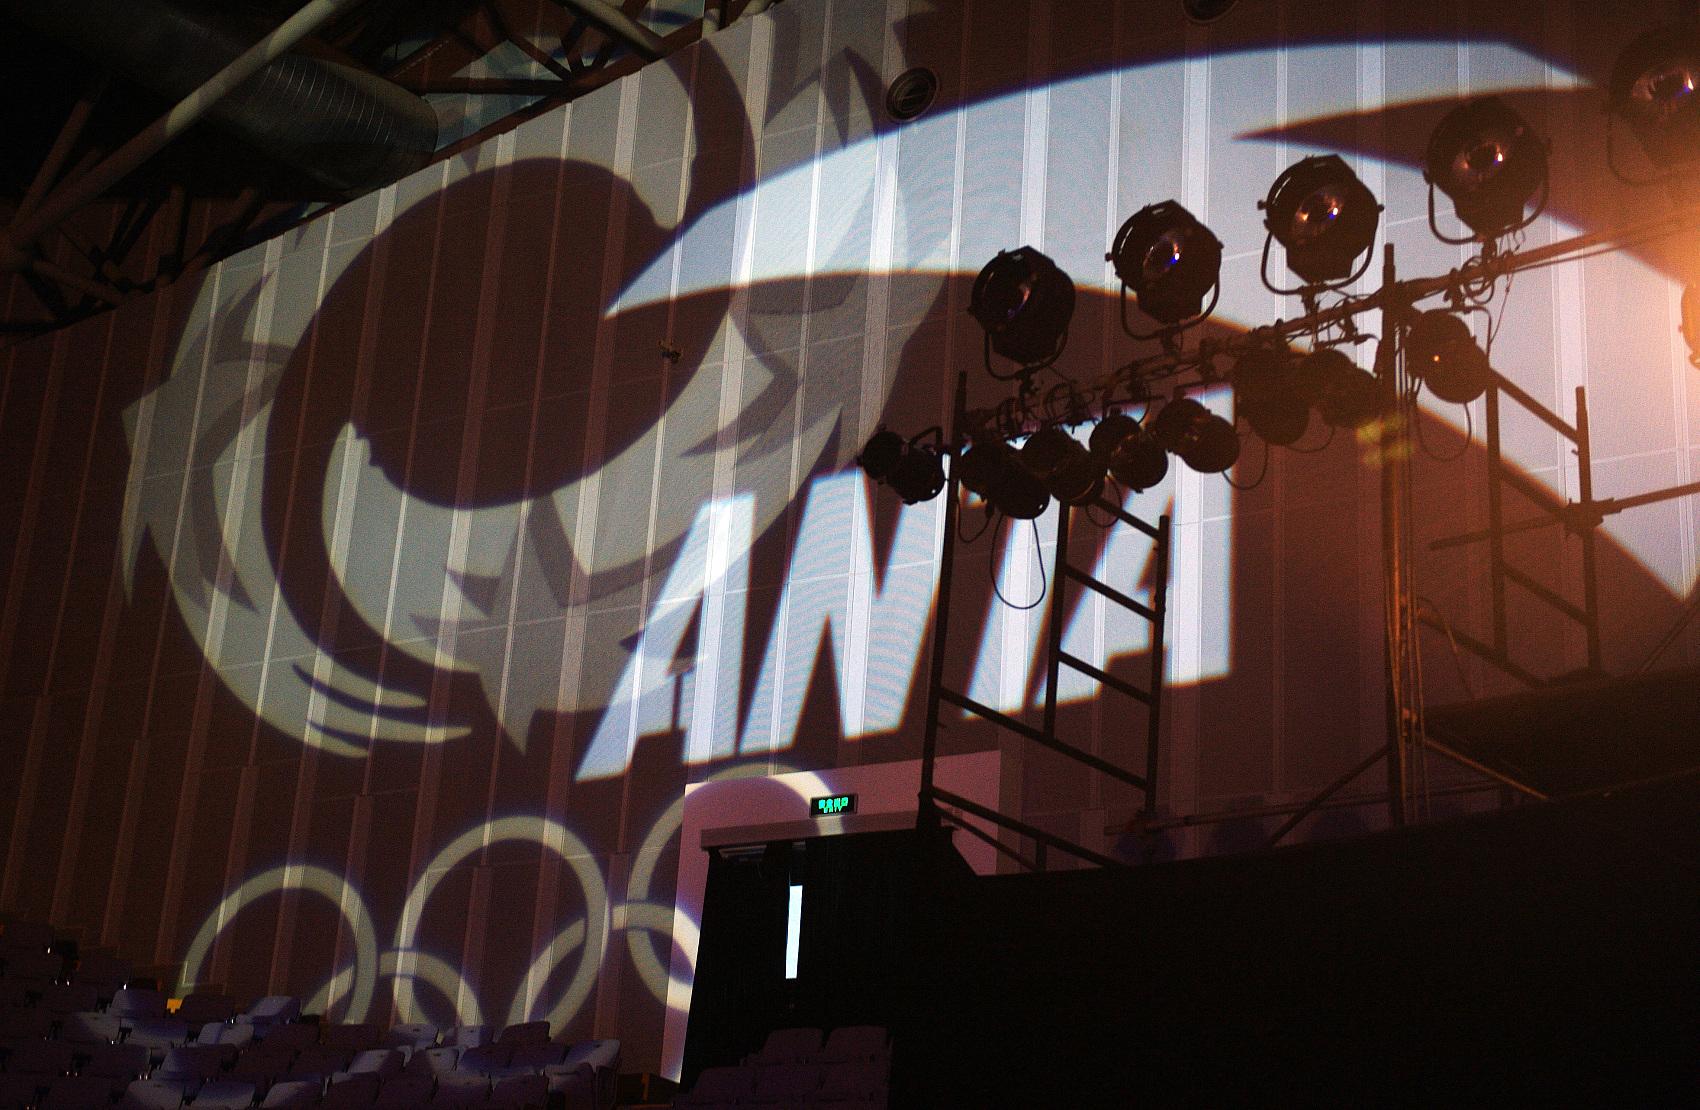 安踏成为国际奥委会官方体育服装供应商,已为2020年东京奥运会做好全方位的准备